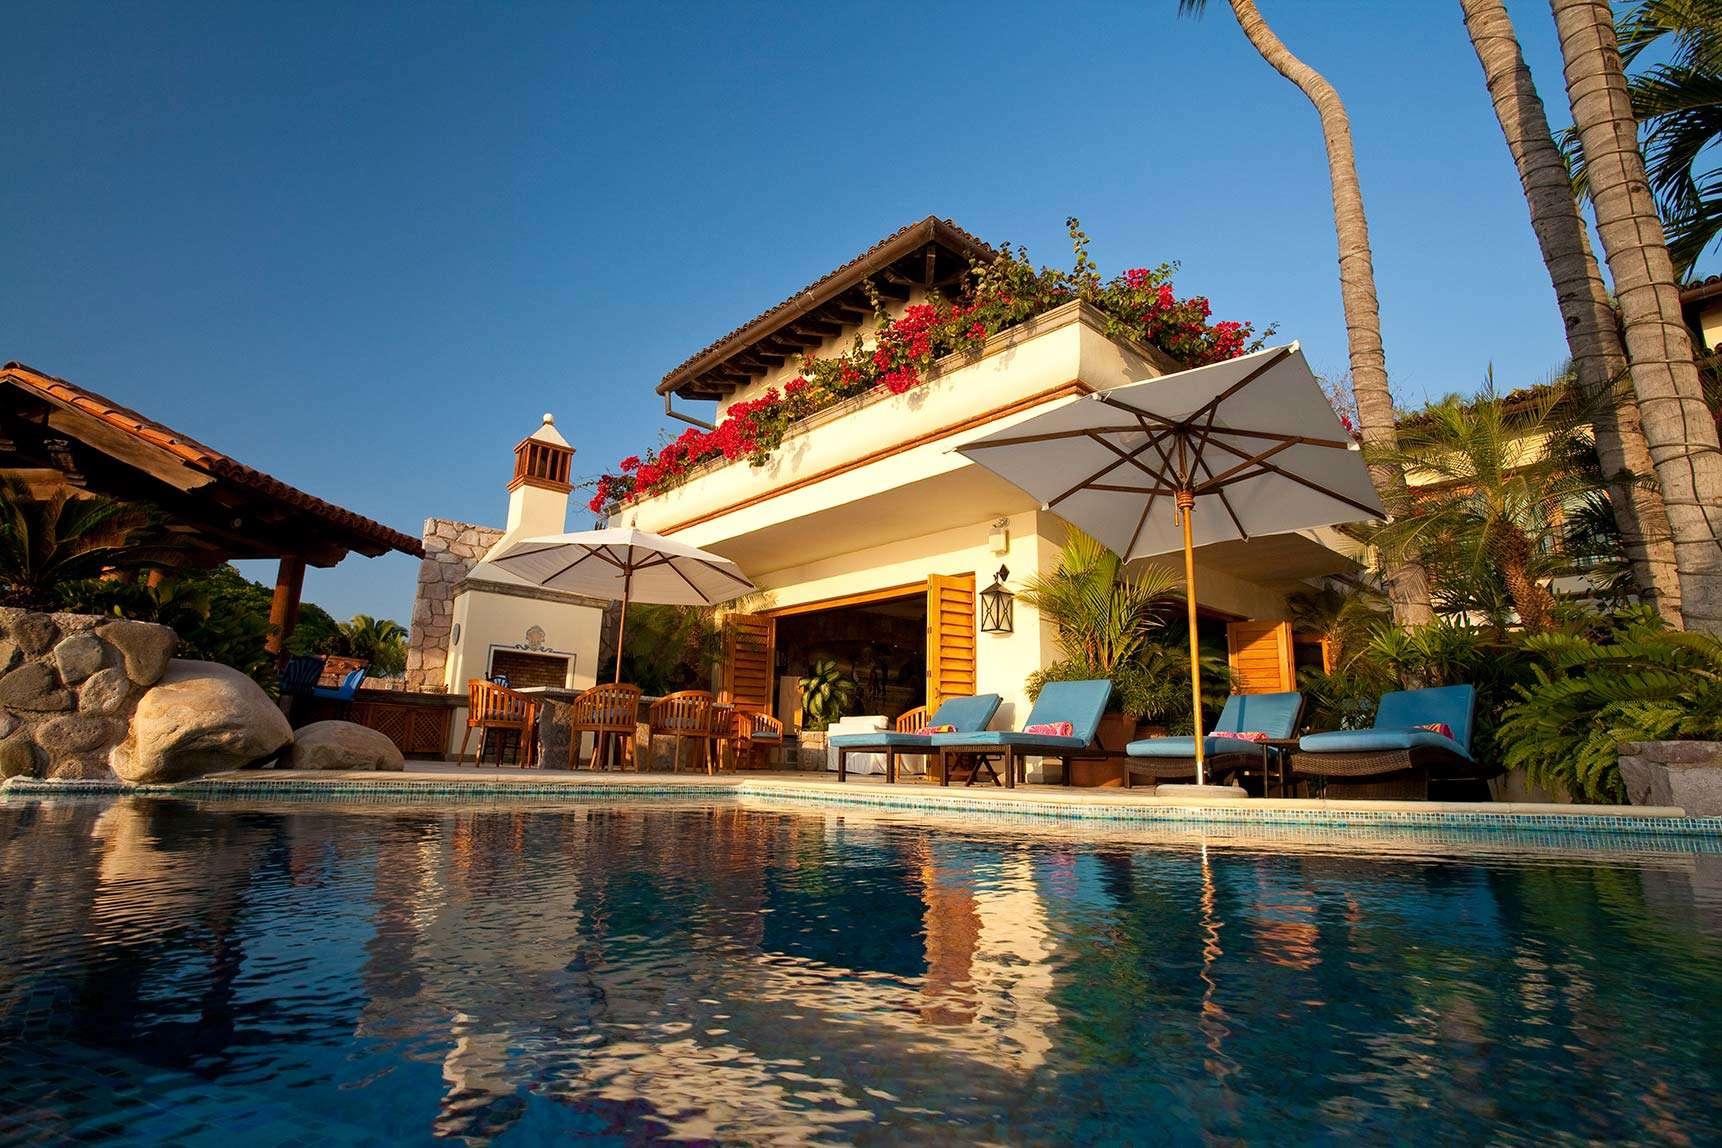 Luxury vacation rentals mexico - Puerto vallarta - Conchas chinas - Villa Amapas I North - Image 1/16